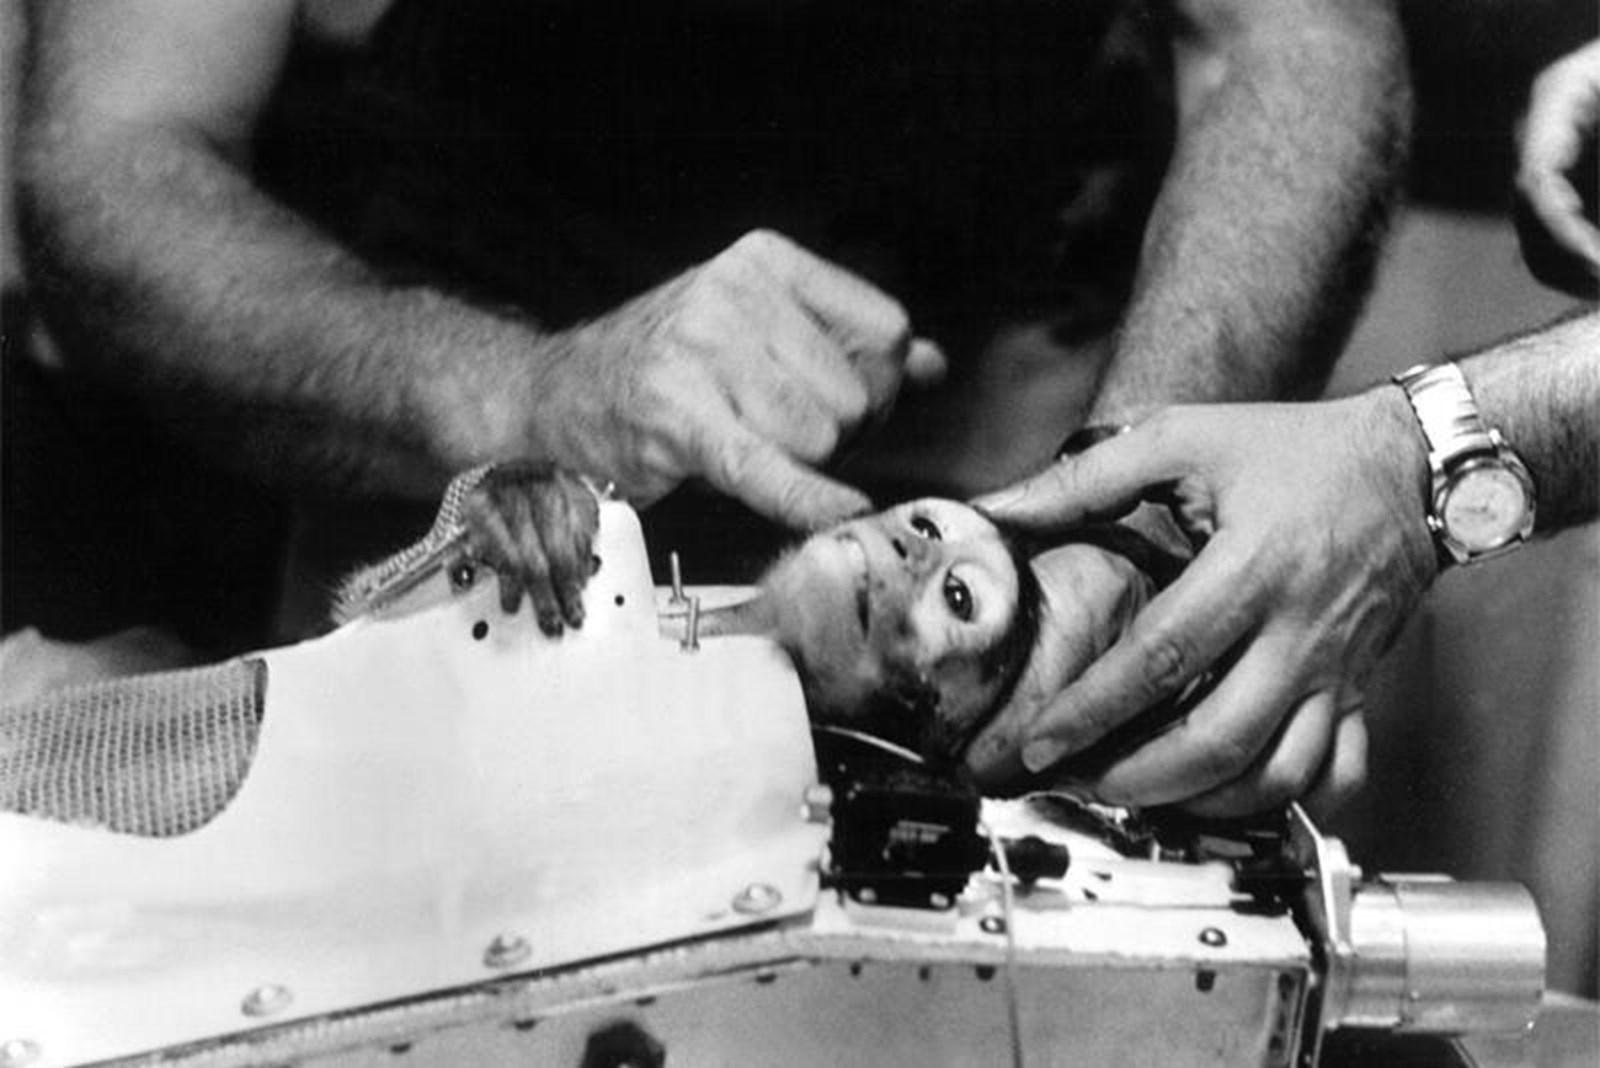 Vor 60 Jahren flogen zwei Affen ins All und verbrachten 9 Minuten in der Schwerelosigkeit